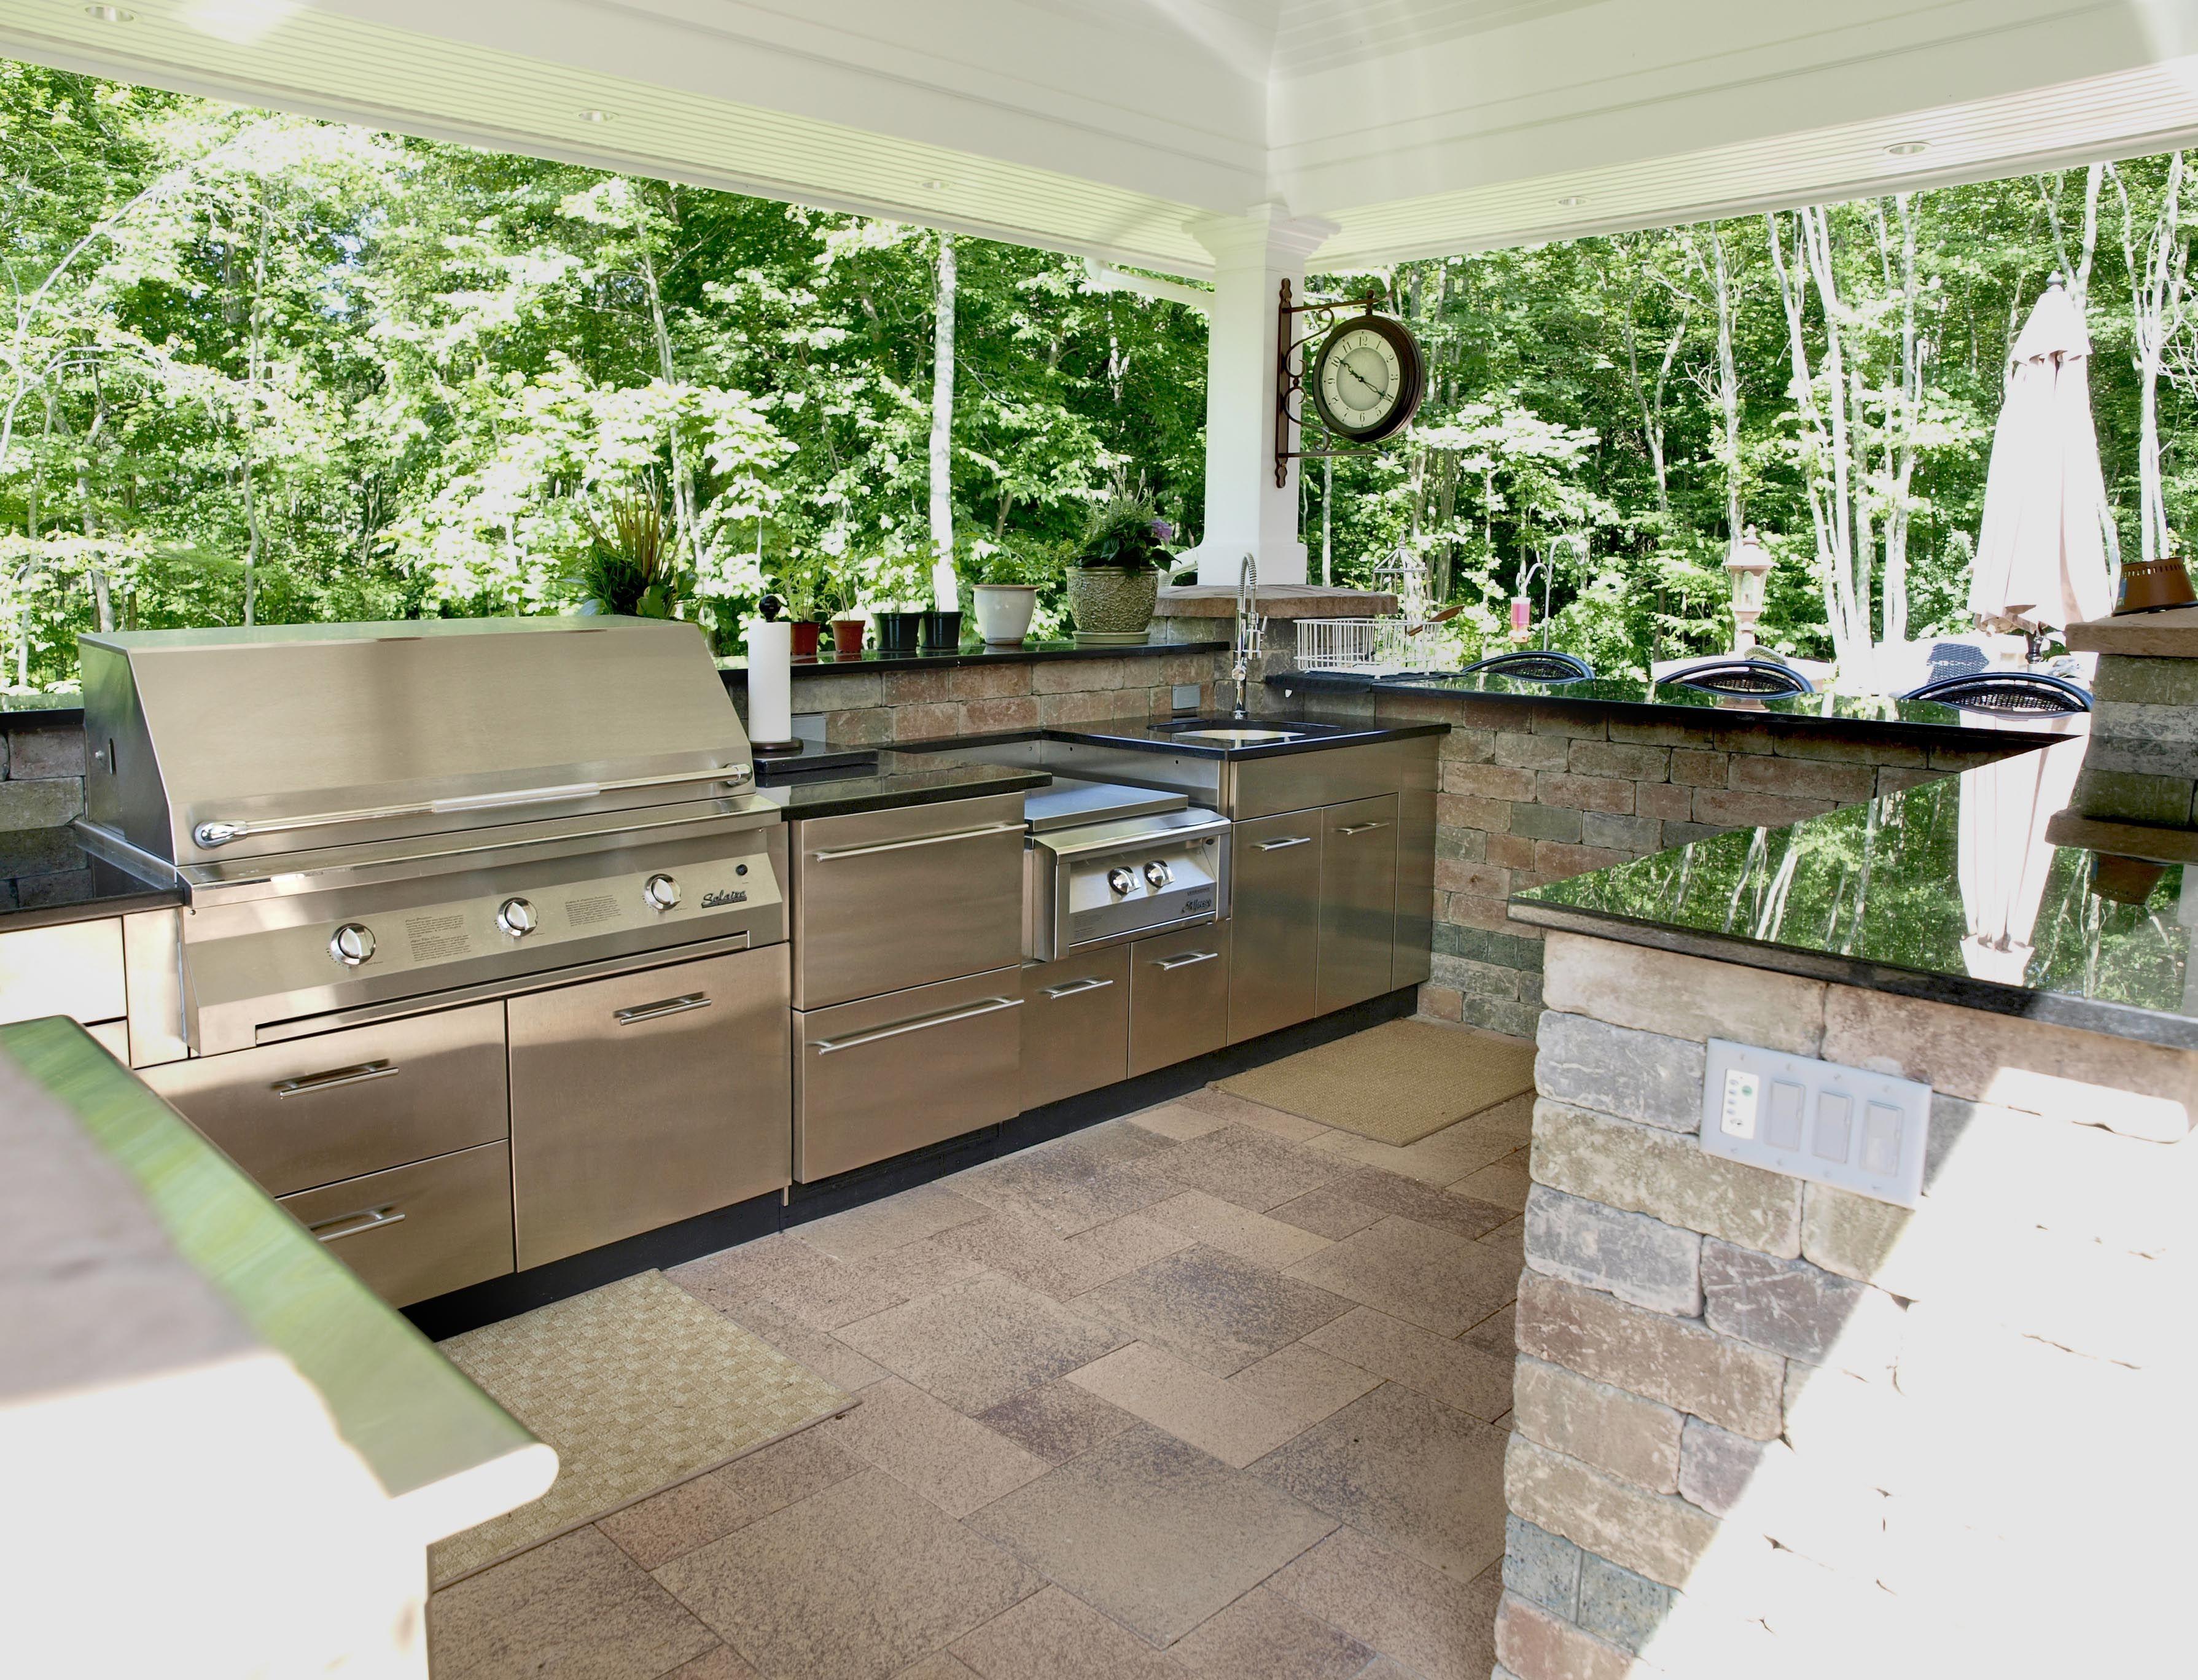 Outdoor küche design  Eine Outdoor Küche Design Küche hat vollständig mit so vielen ...